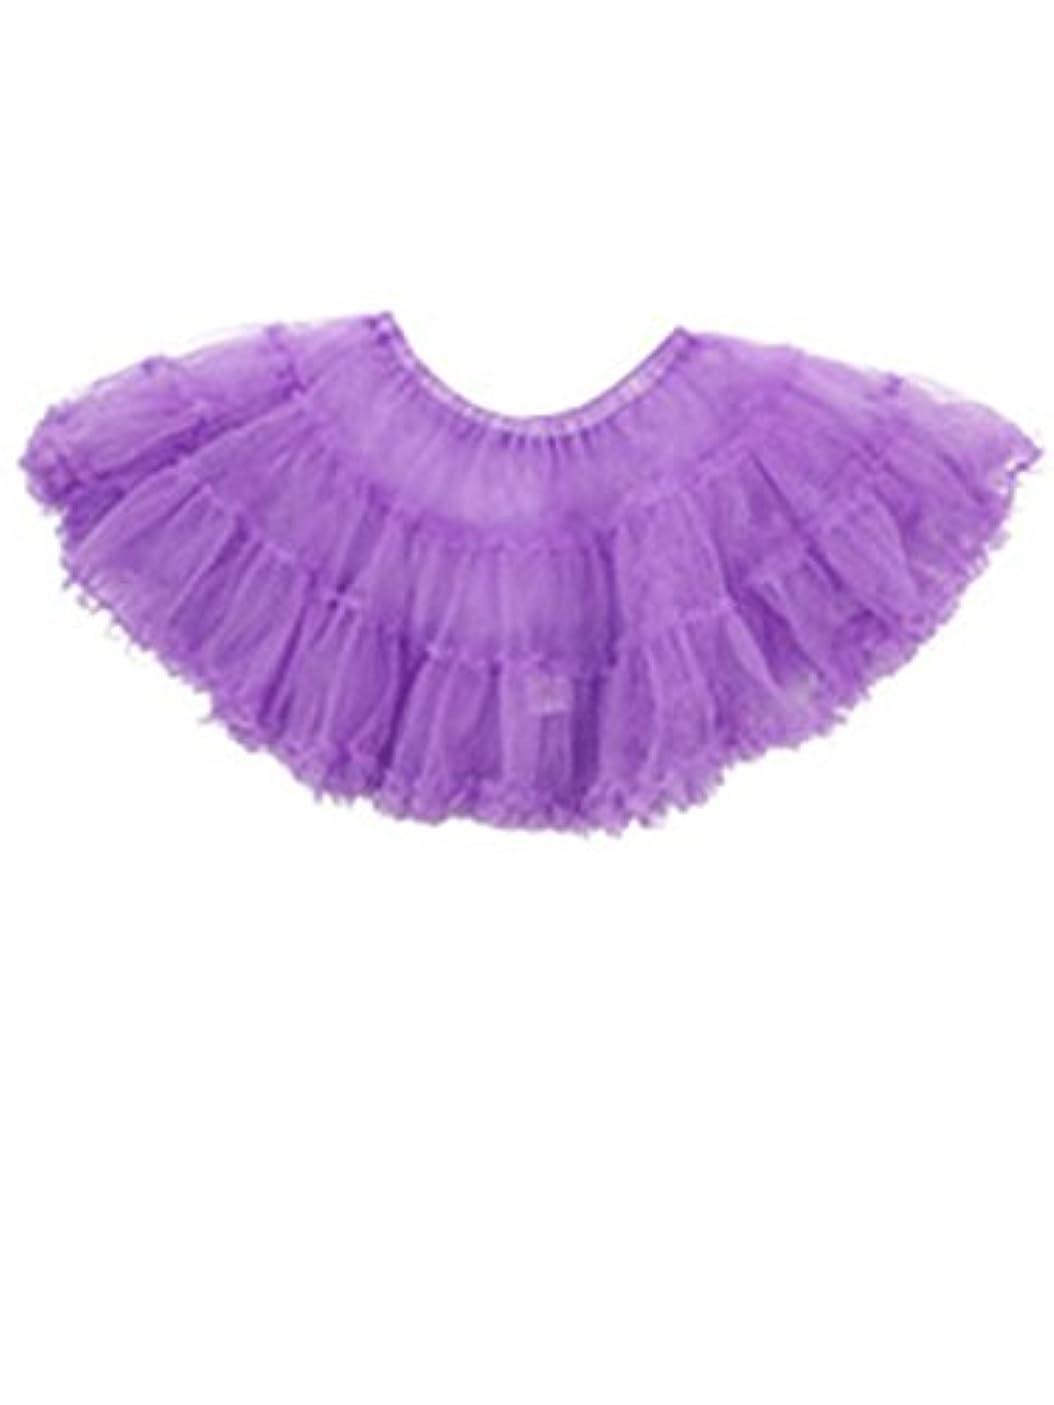 昇る湿気の多いいくつかのコスプレ スカート 衣裳 ふんわり パニエ ボリューム コスチューム用 小物 ドレス 紫 tg001pp